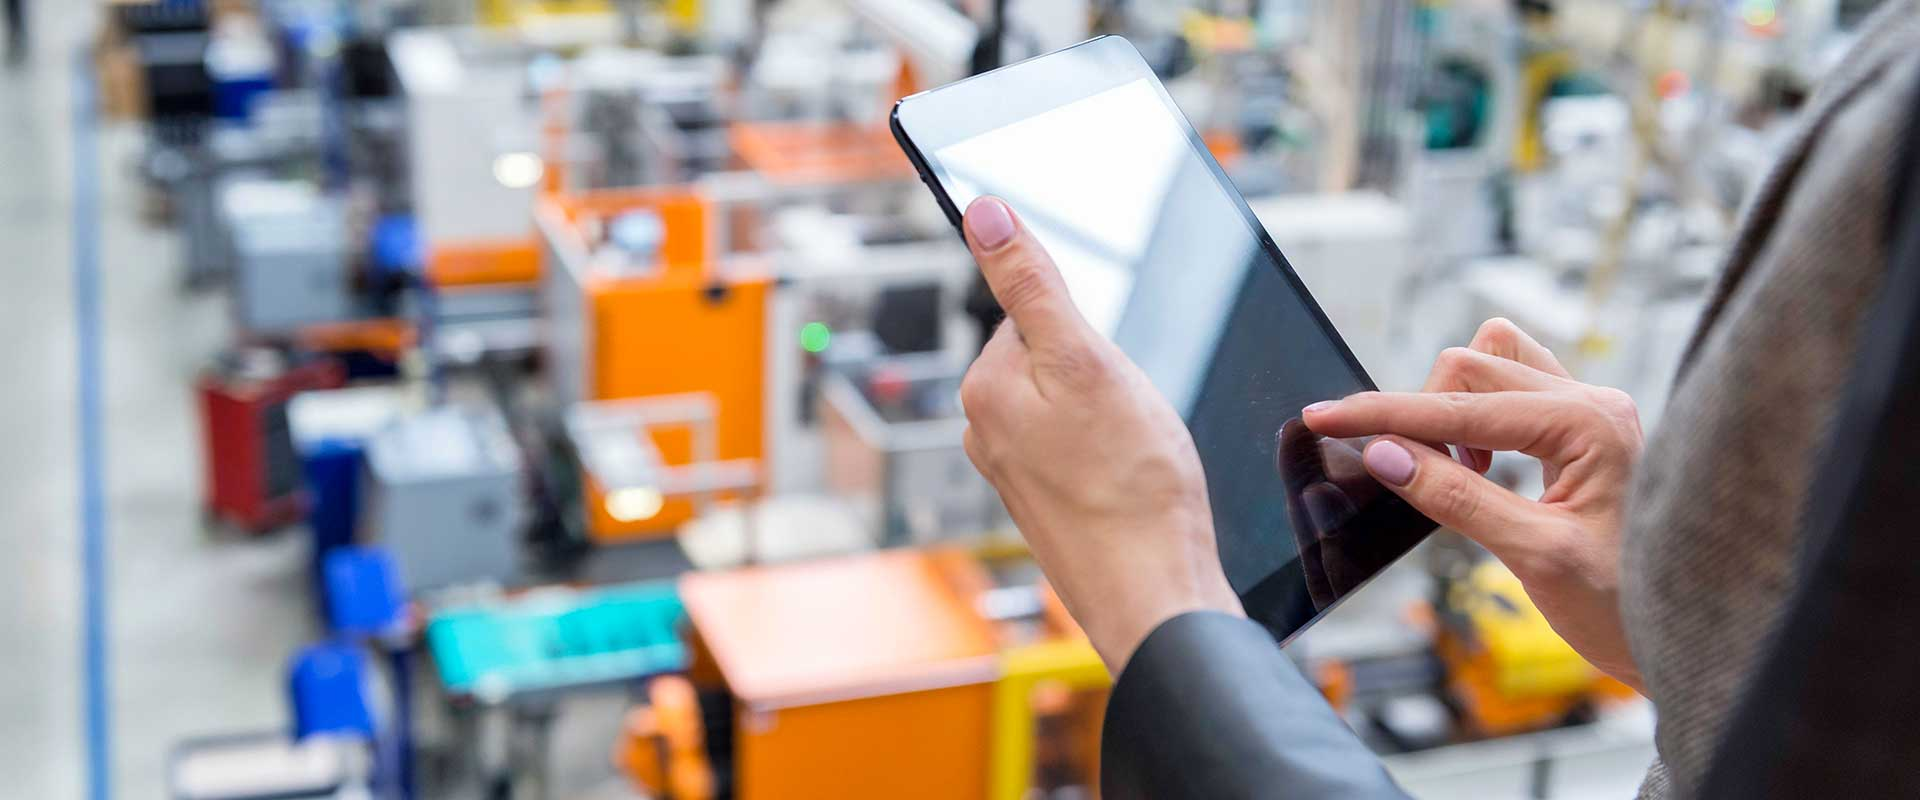 Retail - transformation digitale et nouveaux usages avec Leroy Merlin